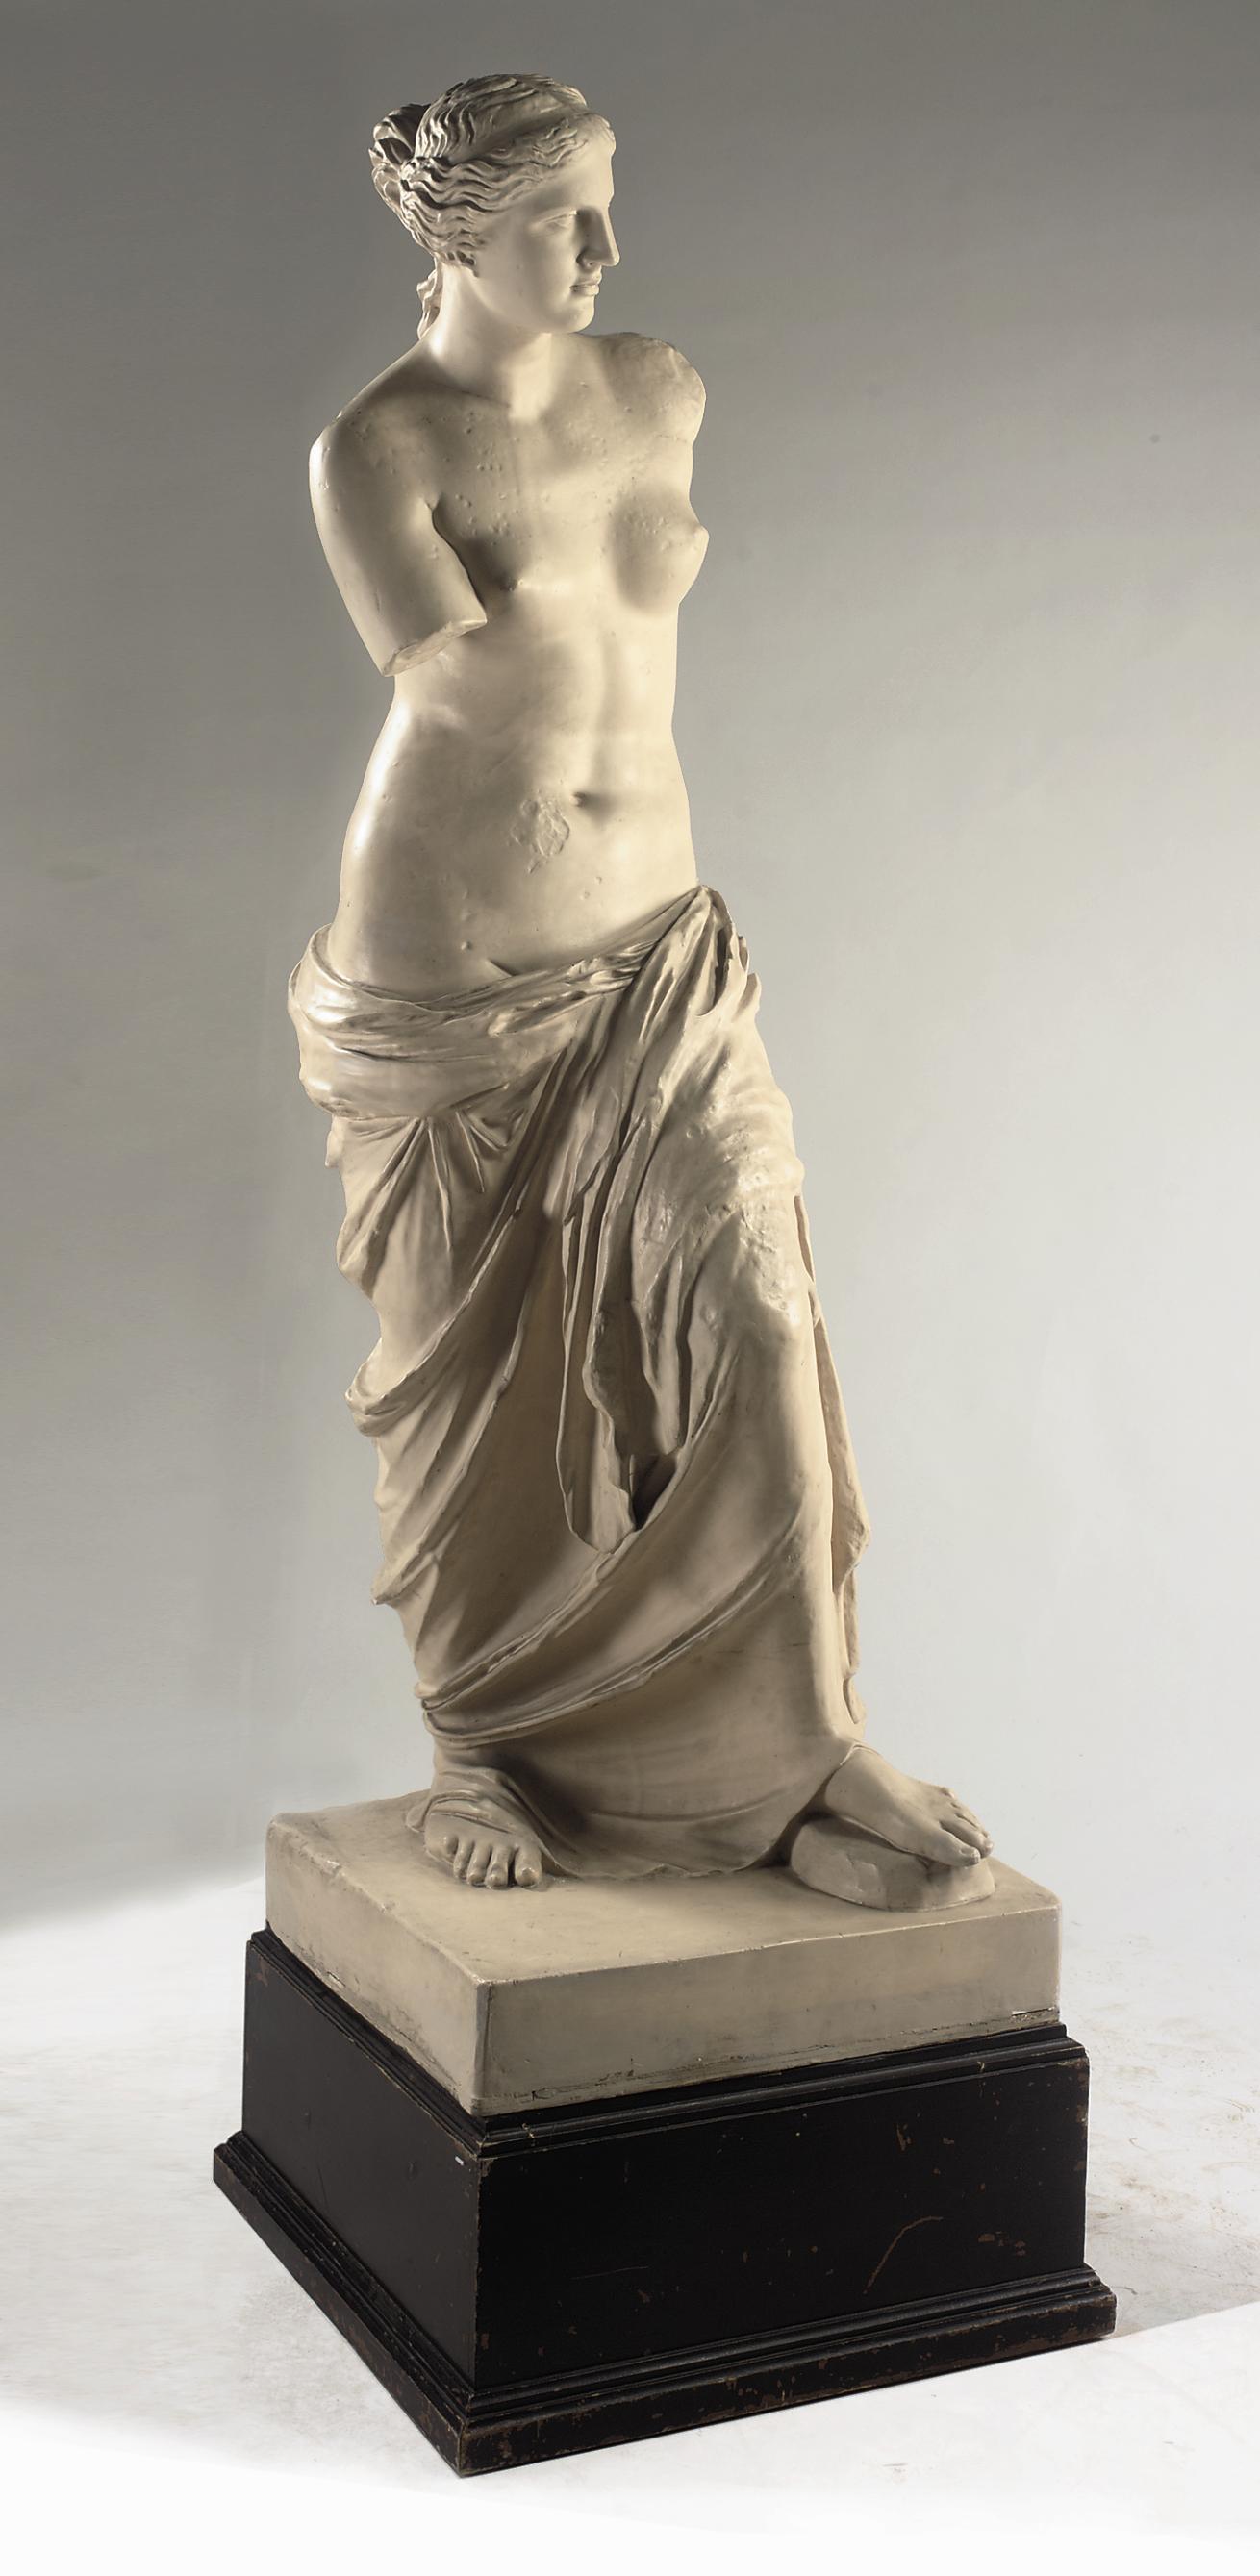 A CREAM PAINTED PLASTER CAST FIGURE OF THE VENUS DE MILO